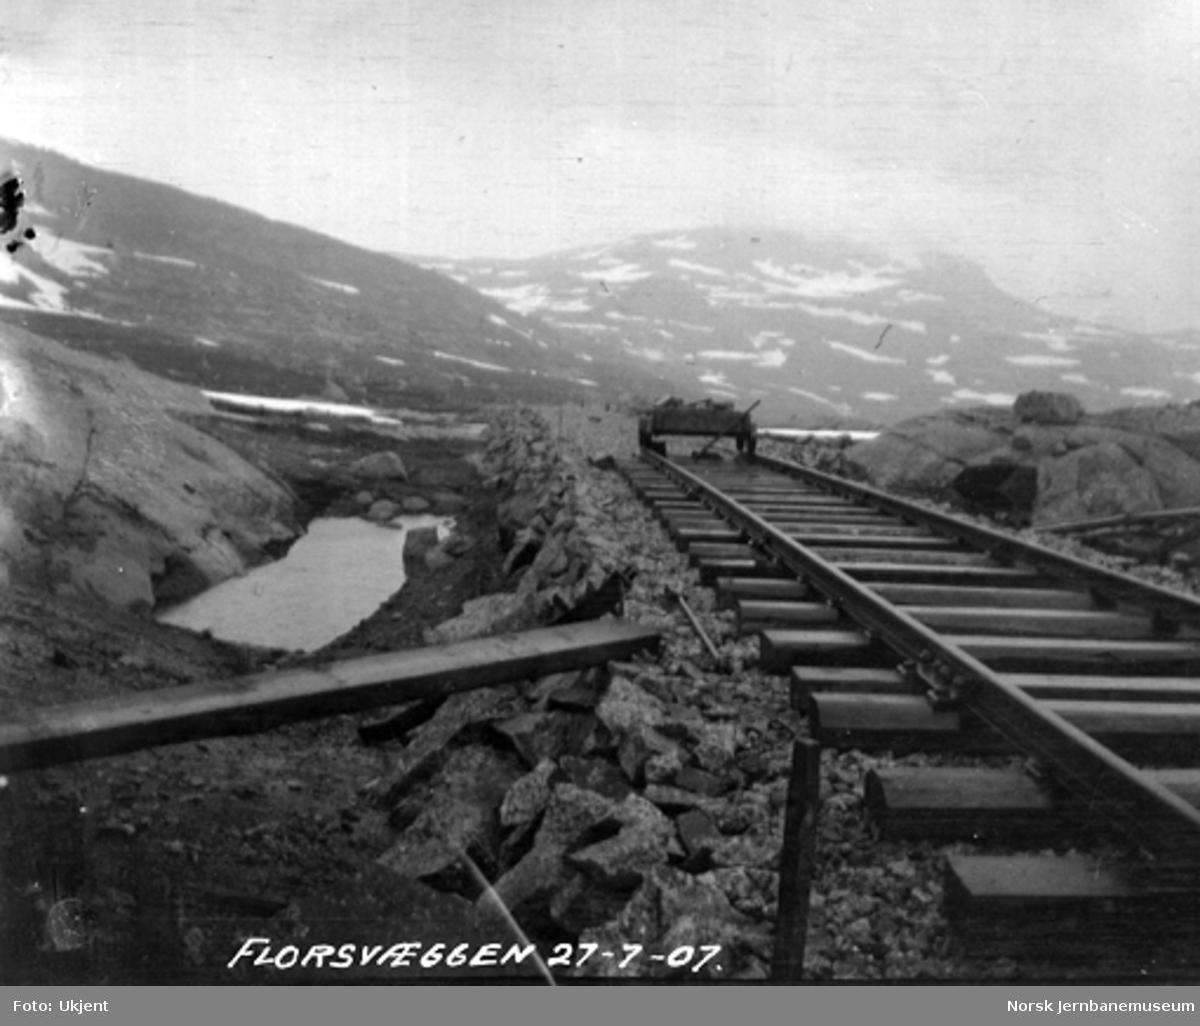 Bergensbanen ved Flossveggen, med en tralle på sporet